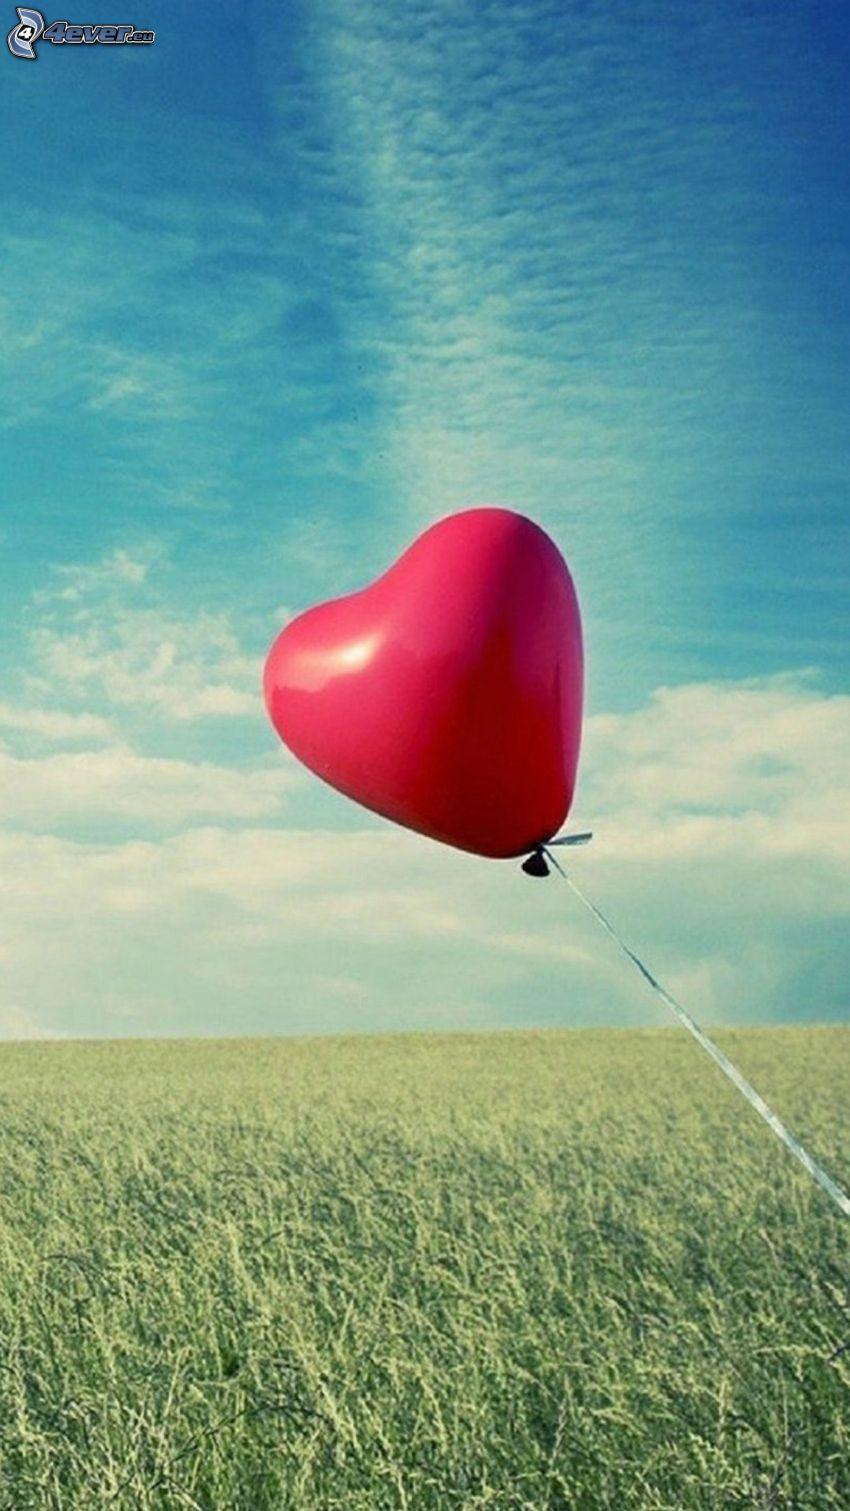 Ballons, Herz, Wiese